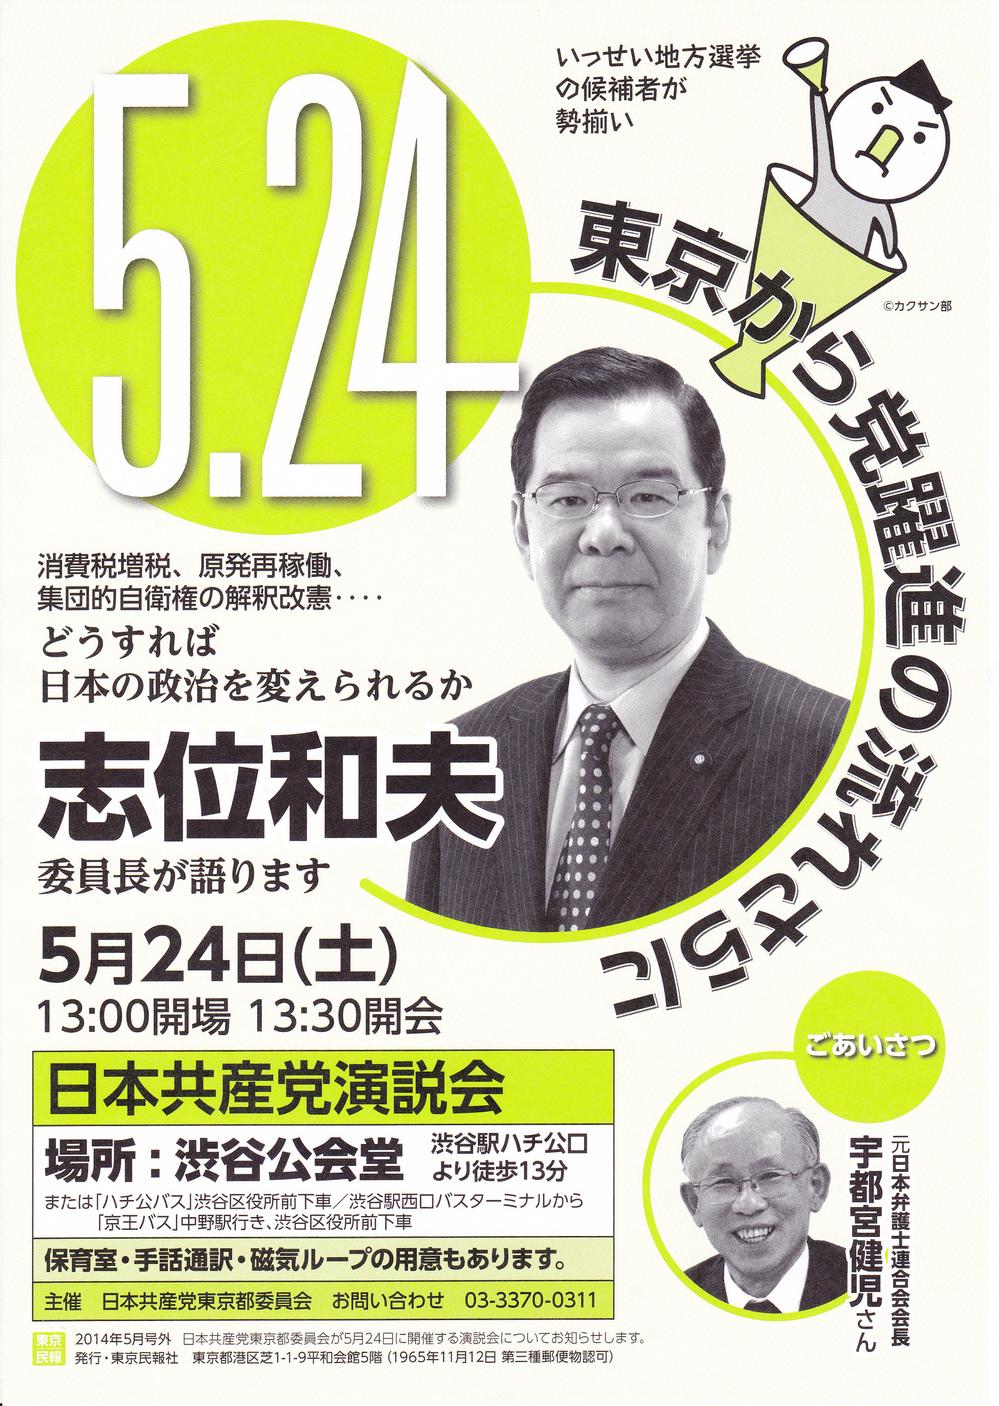 5.24日本共産党演説会_0001.jpg